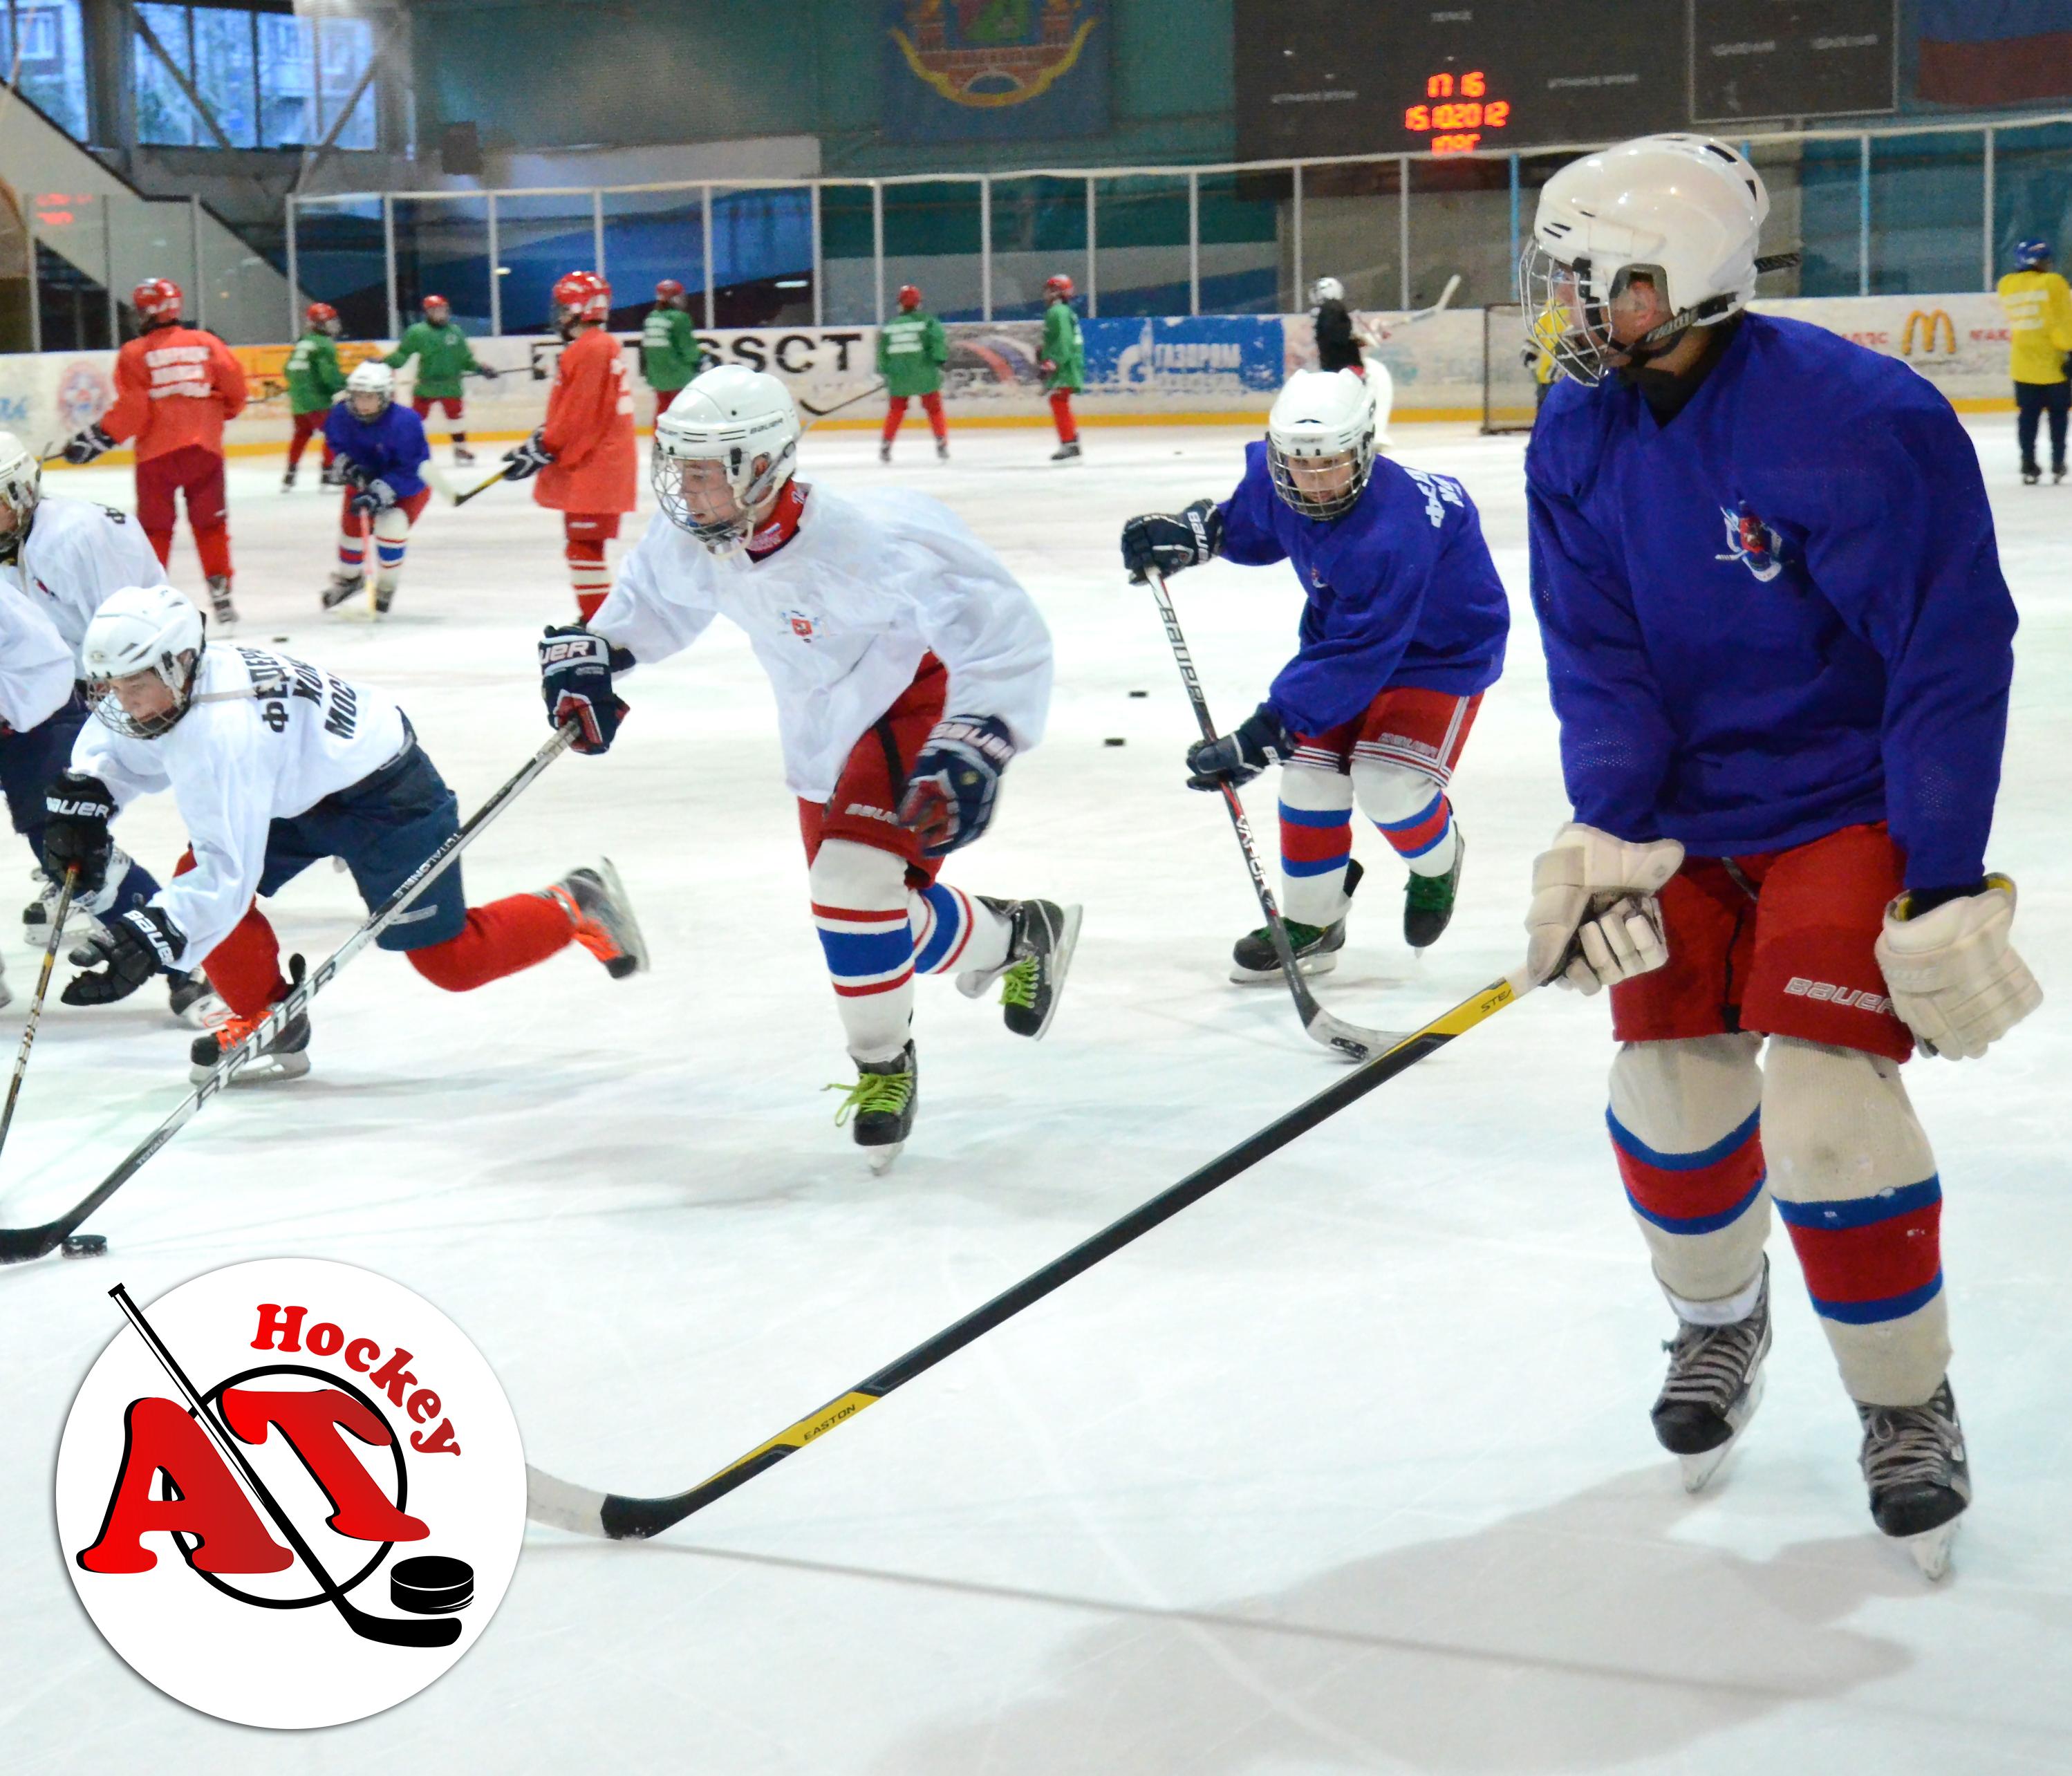 Развитие любительского хоккея в России